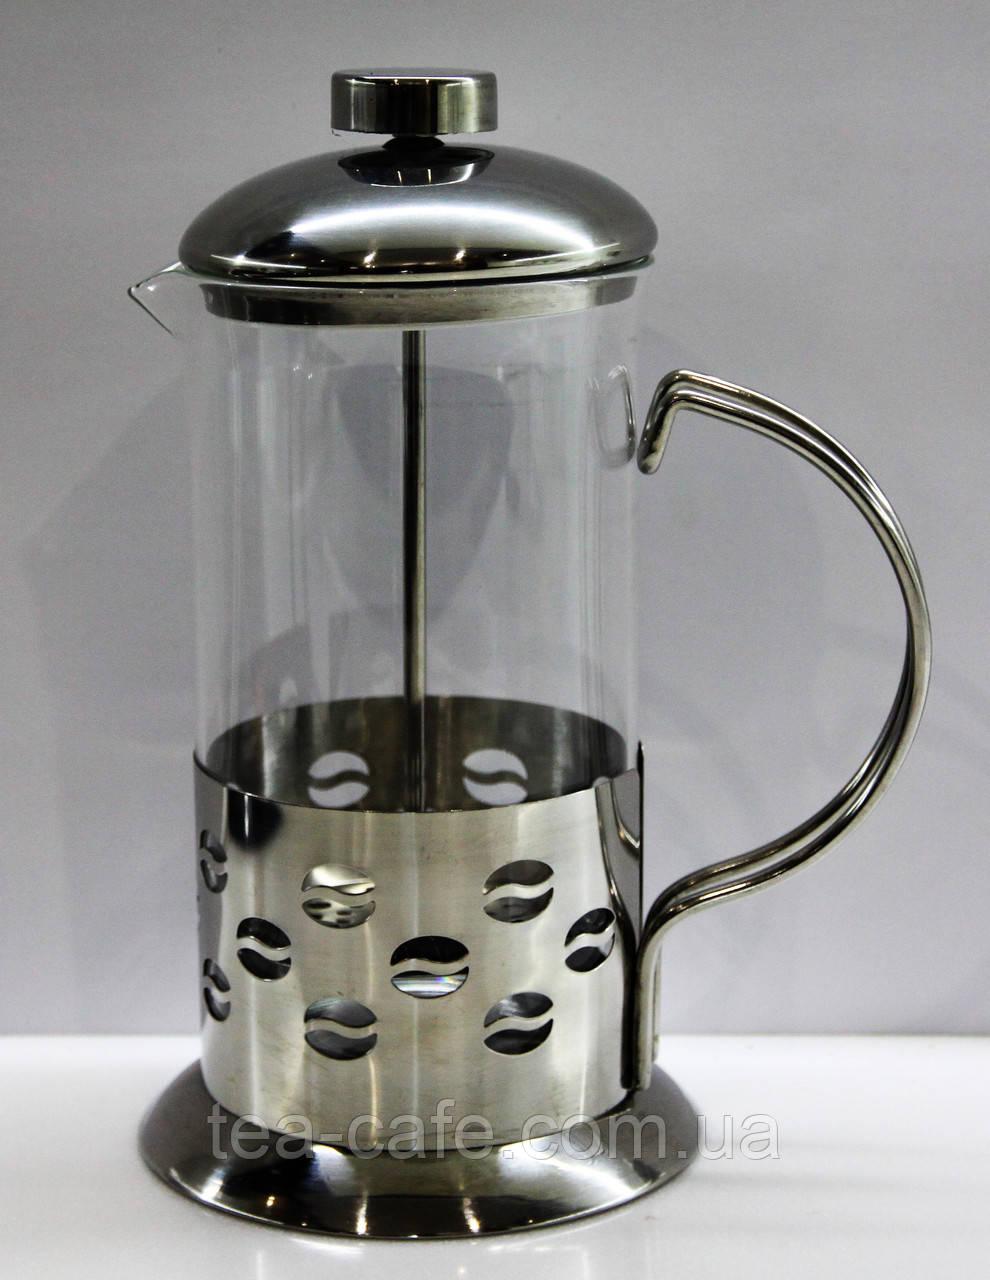 Френч-пресс для чая и кофе 600 мл